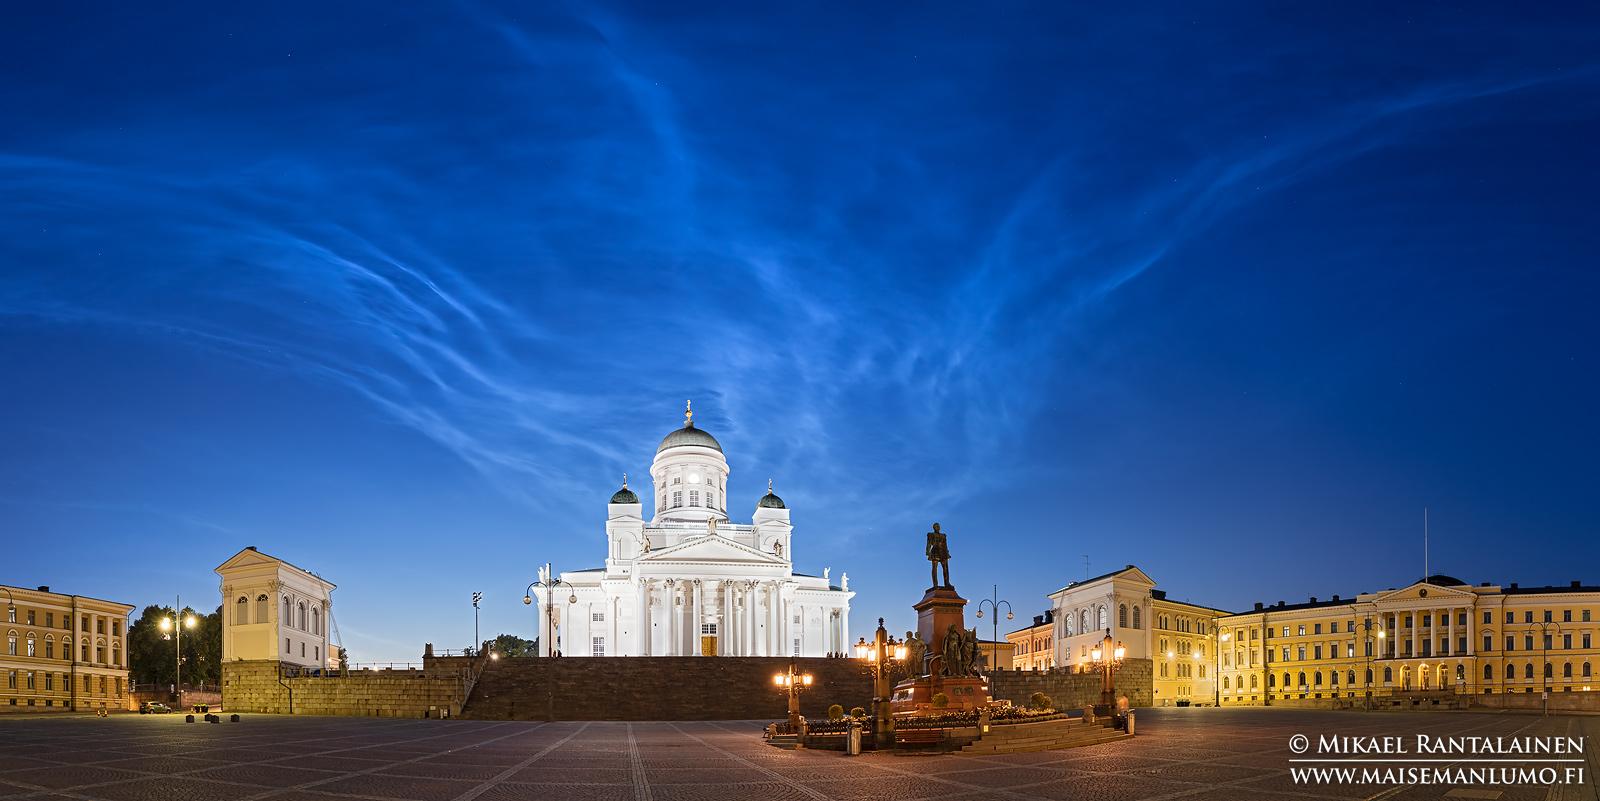 Tuomiokirkko, Aleksanteri II:n patsas ja valaisevia yöpilviä, Senaatintori, Helsinki